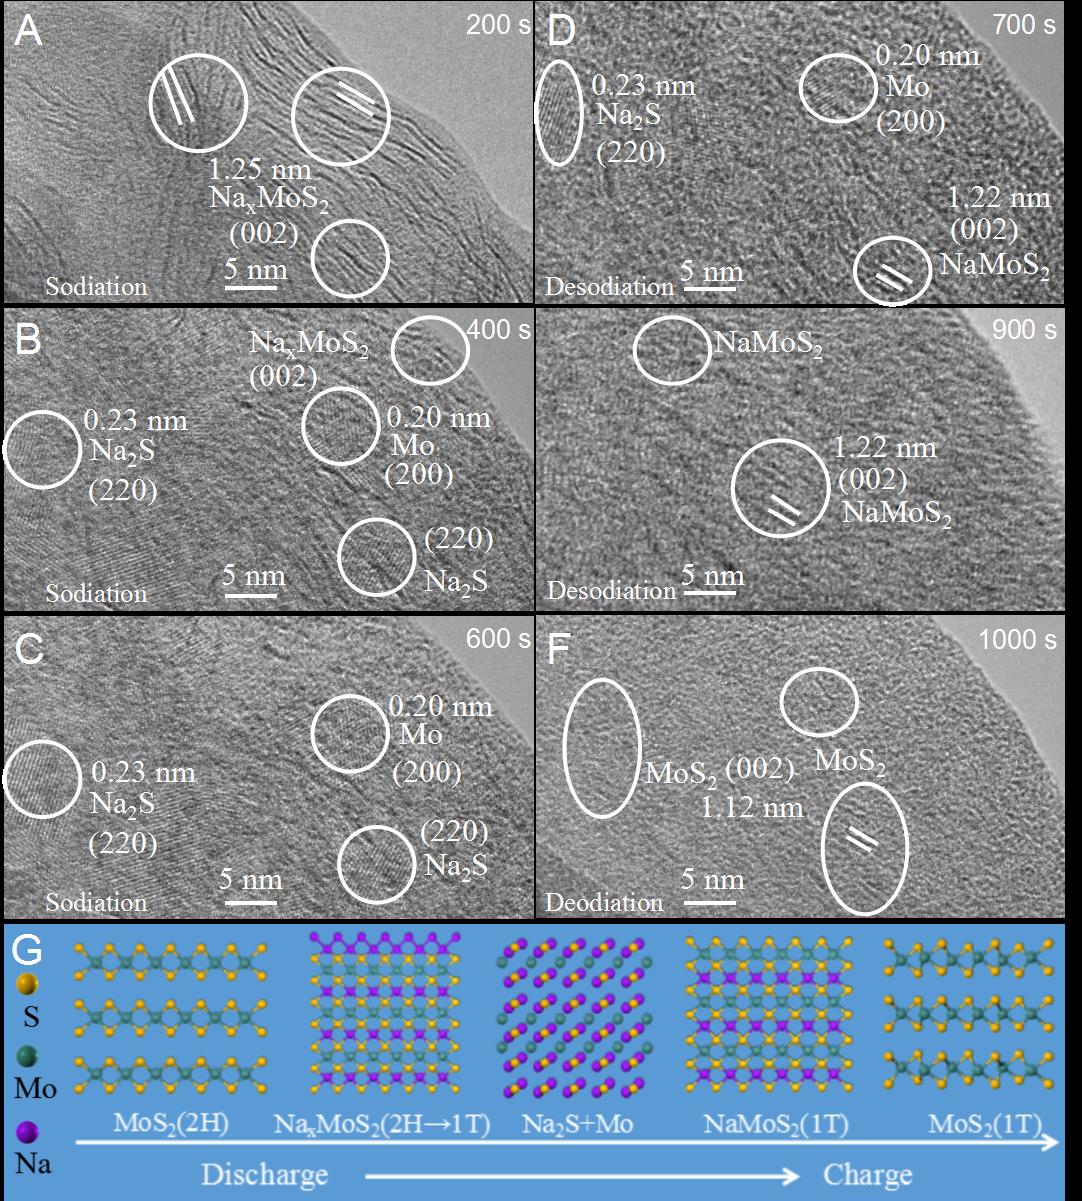 构建分层管状异质结构的MoS2/C复合材料用于钠电负极